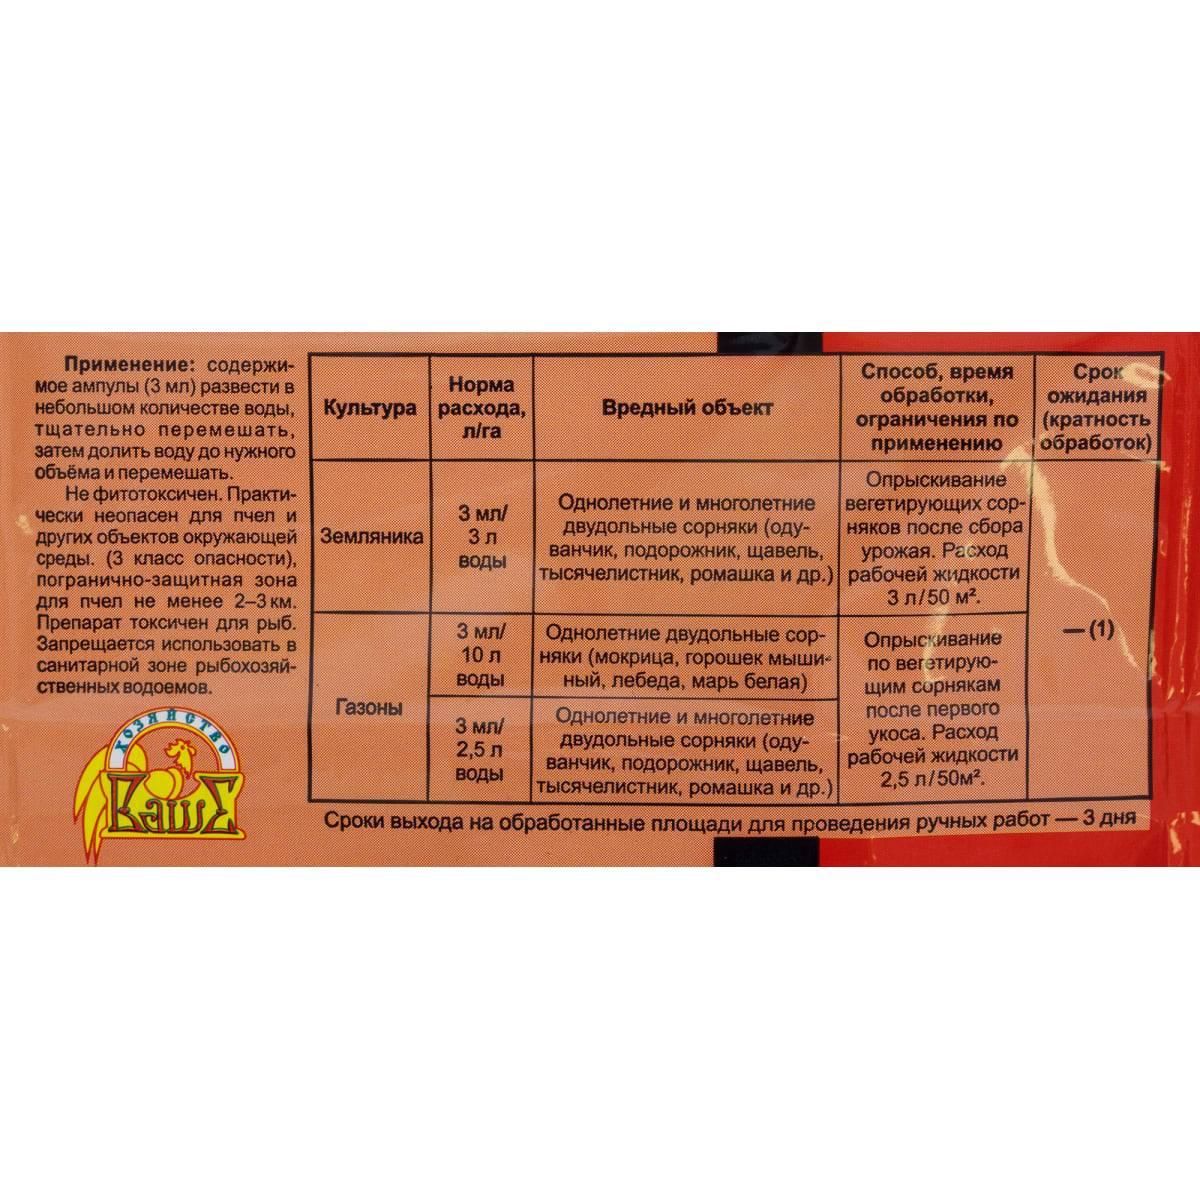 Раундап - гербицид от сорняков: инструкция по применению и расход